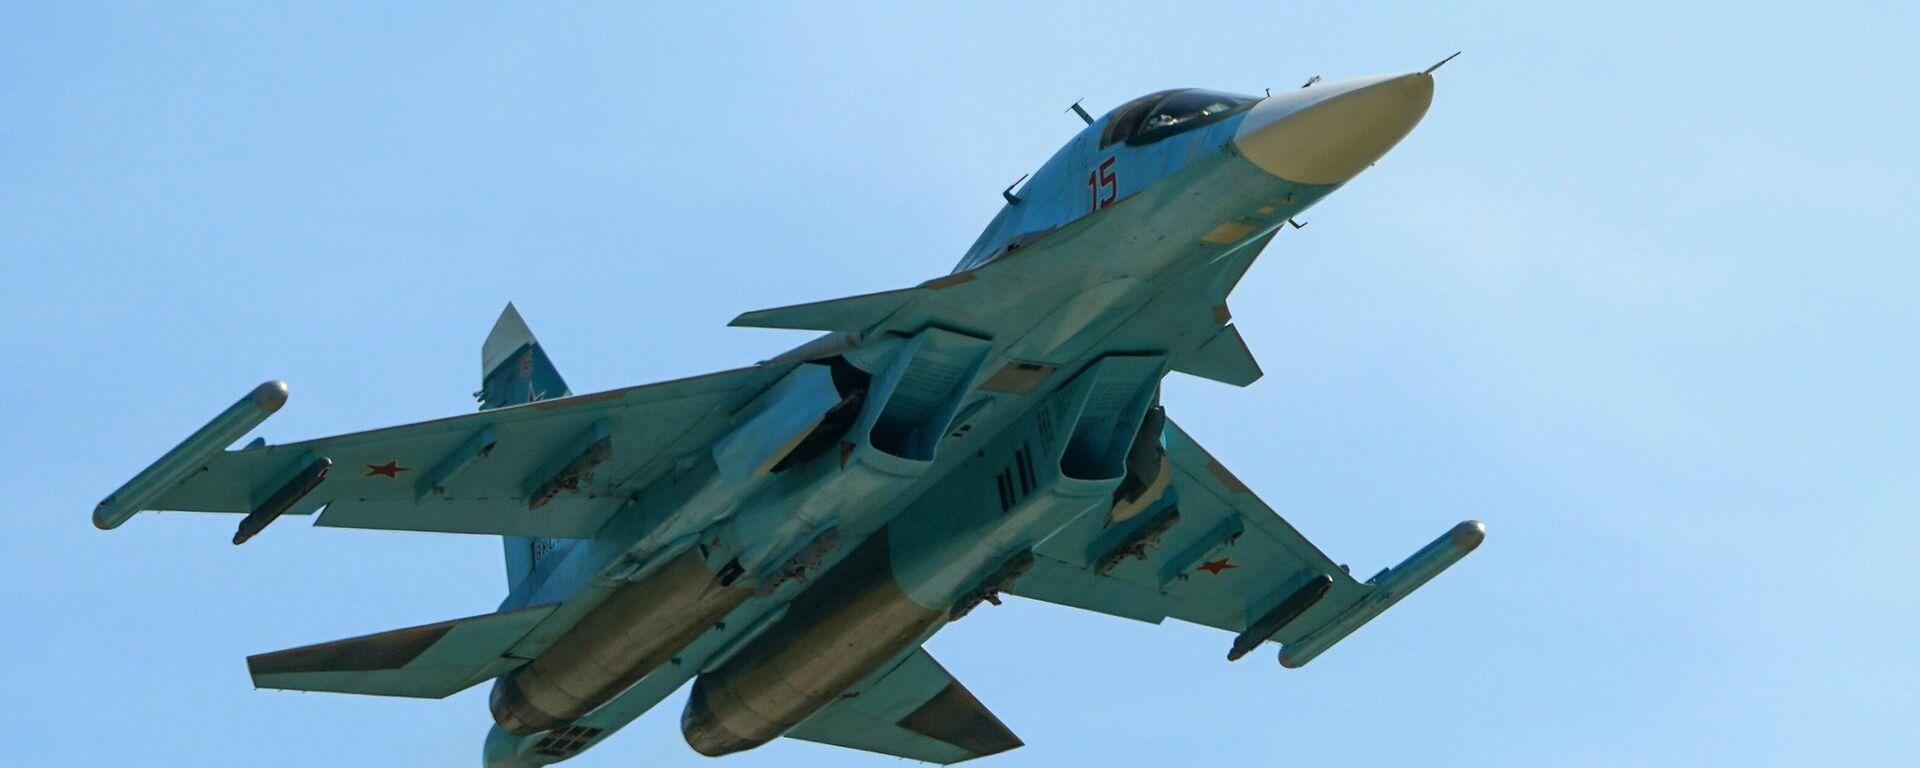 Russischer Überschall-Jagdbomber Su-34  - SNA, 1920, 30.06.2021